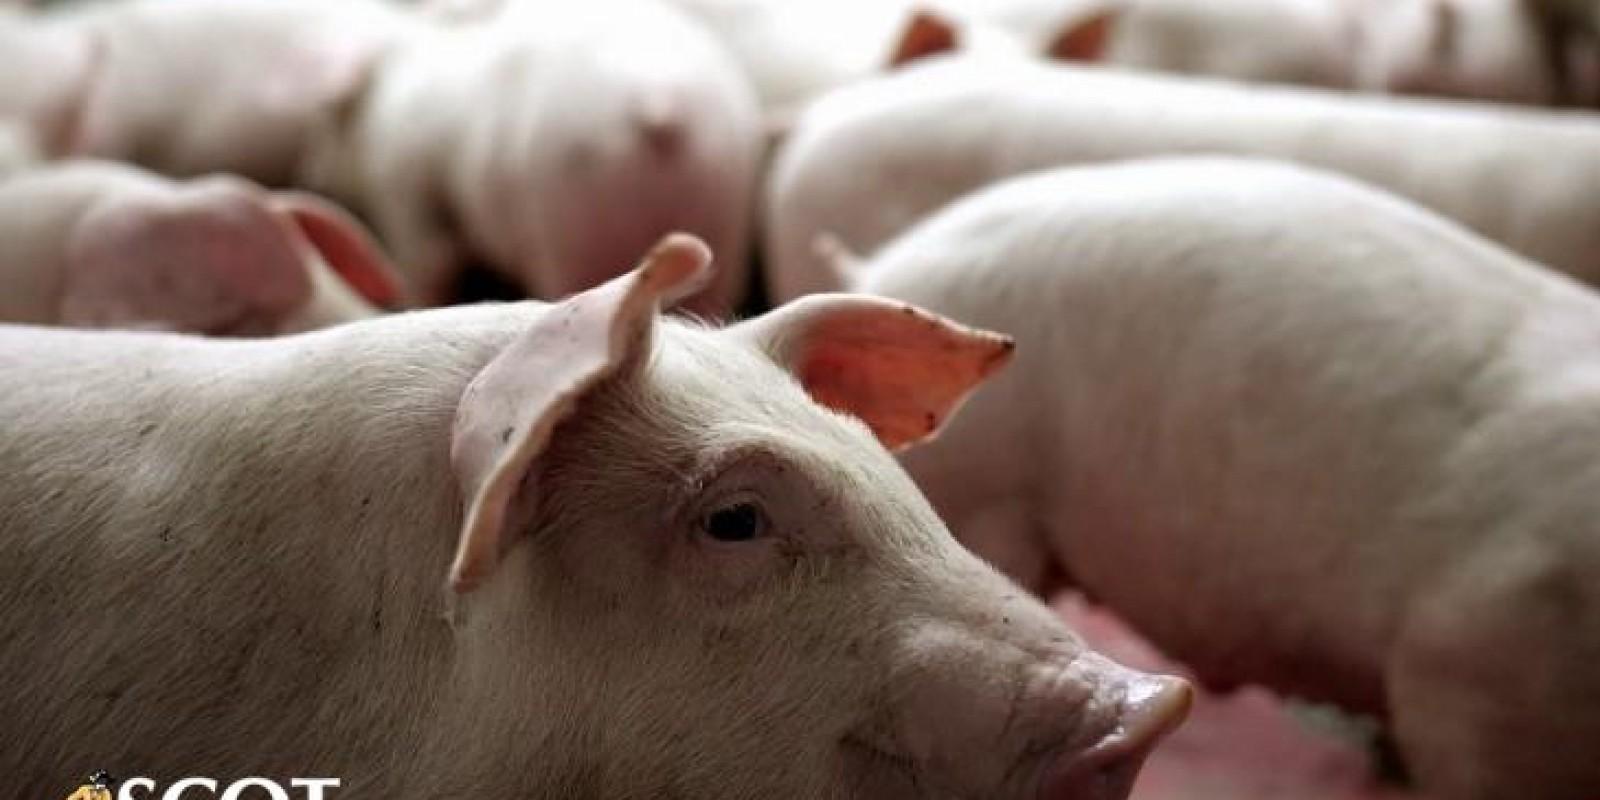 Mercado de suínos: melhora de preços no atacado